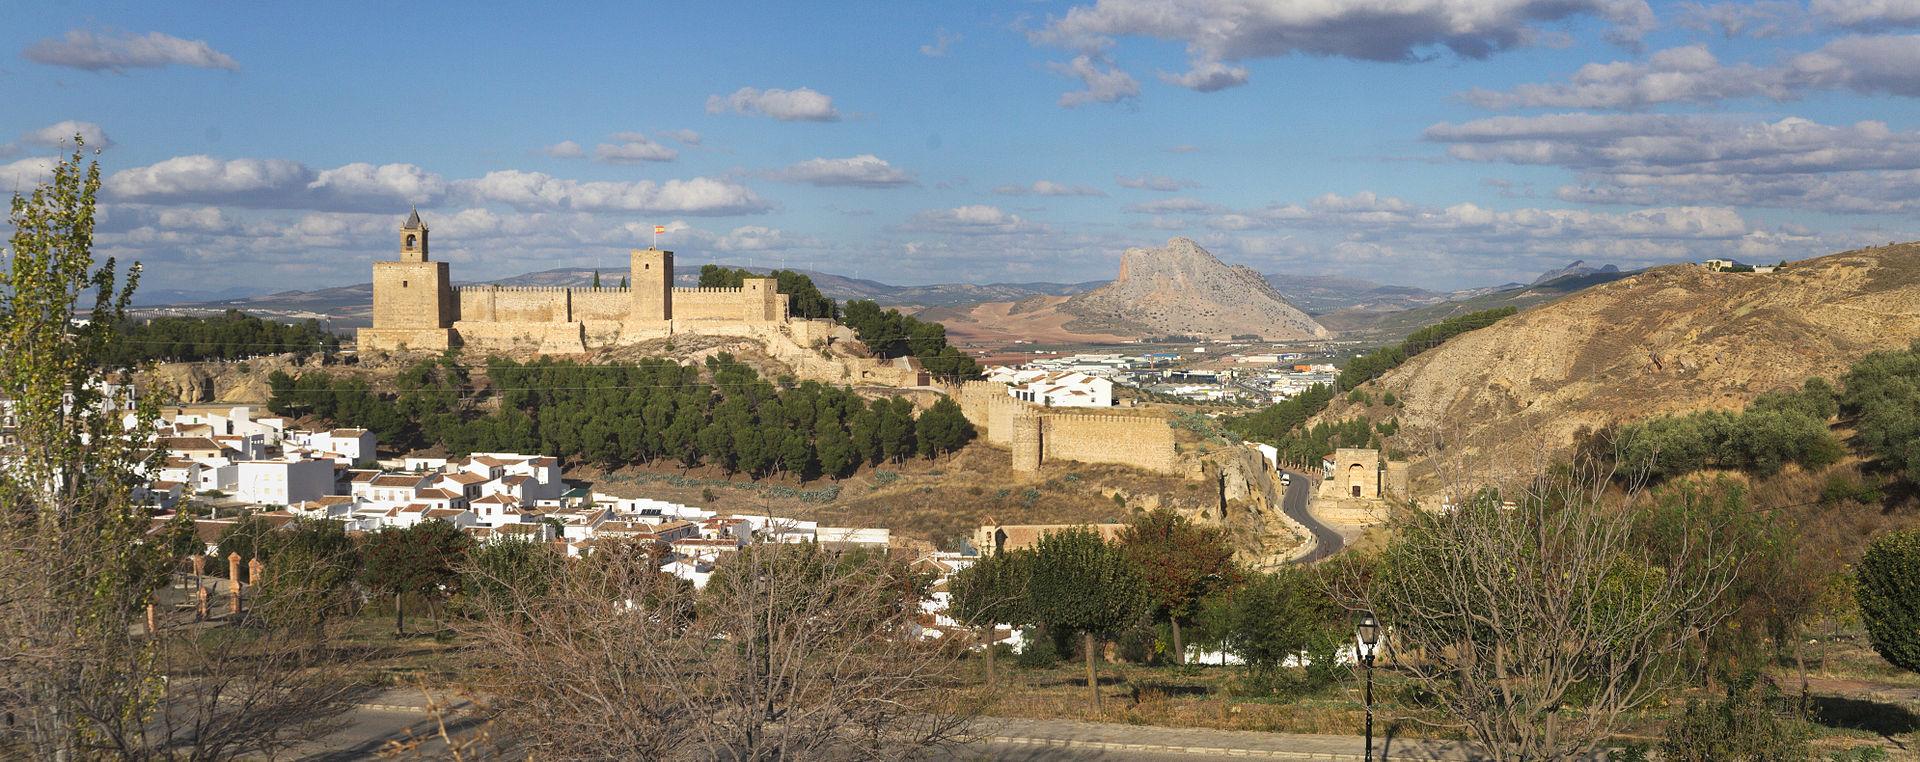 Antequera_Alcazaba.jpg